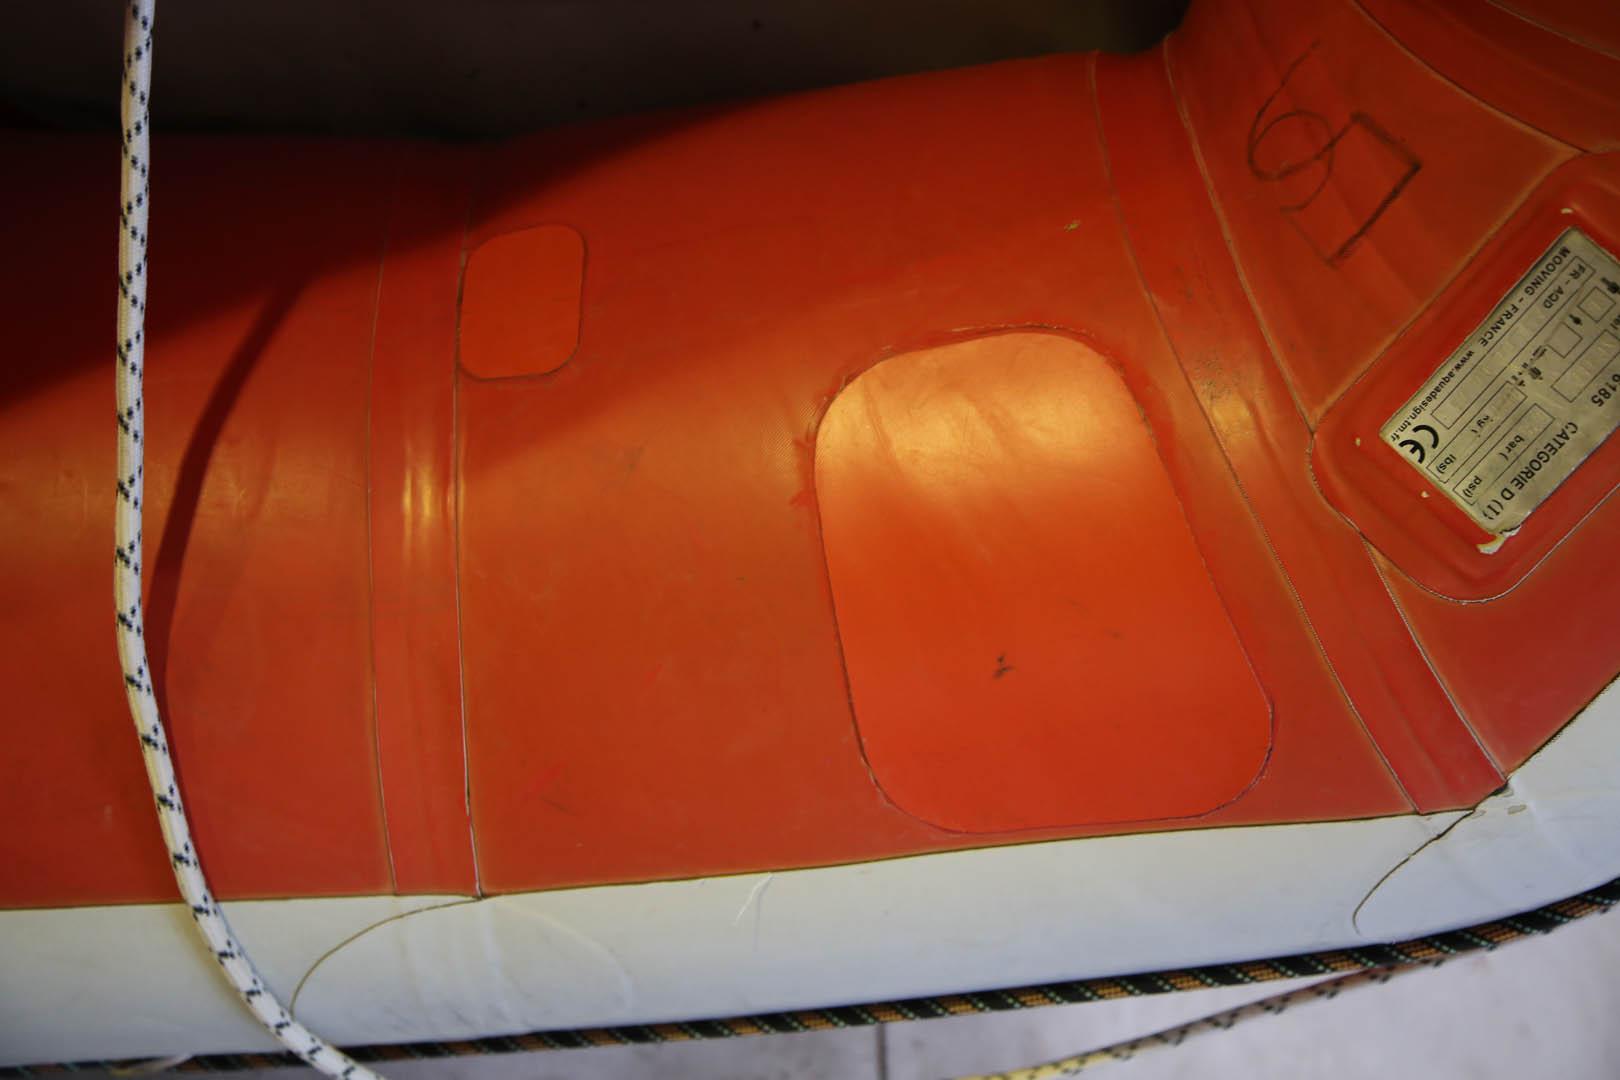 SC410 RED 233 04 C0 03 E